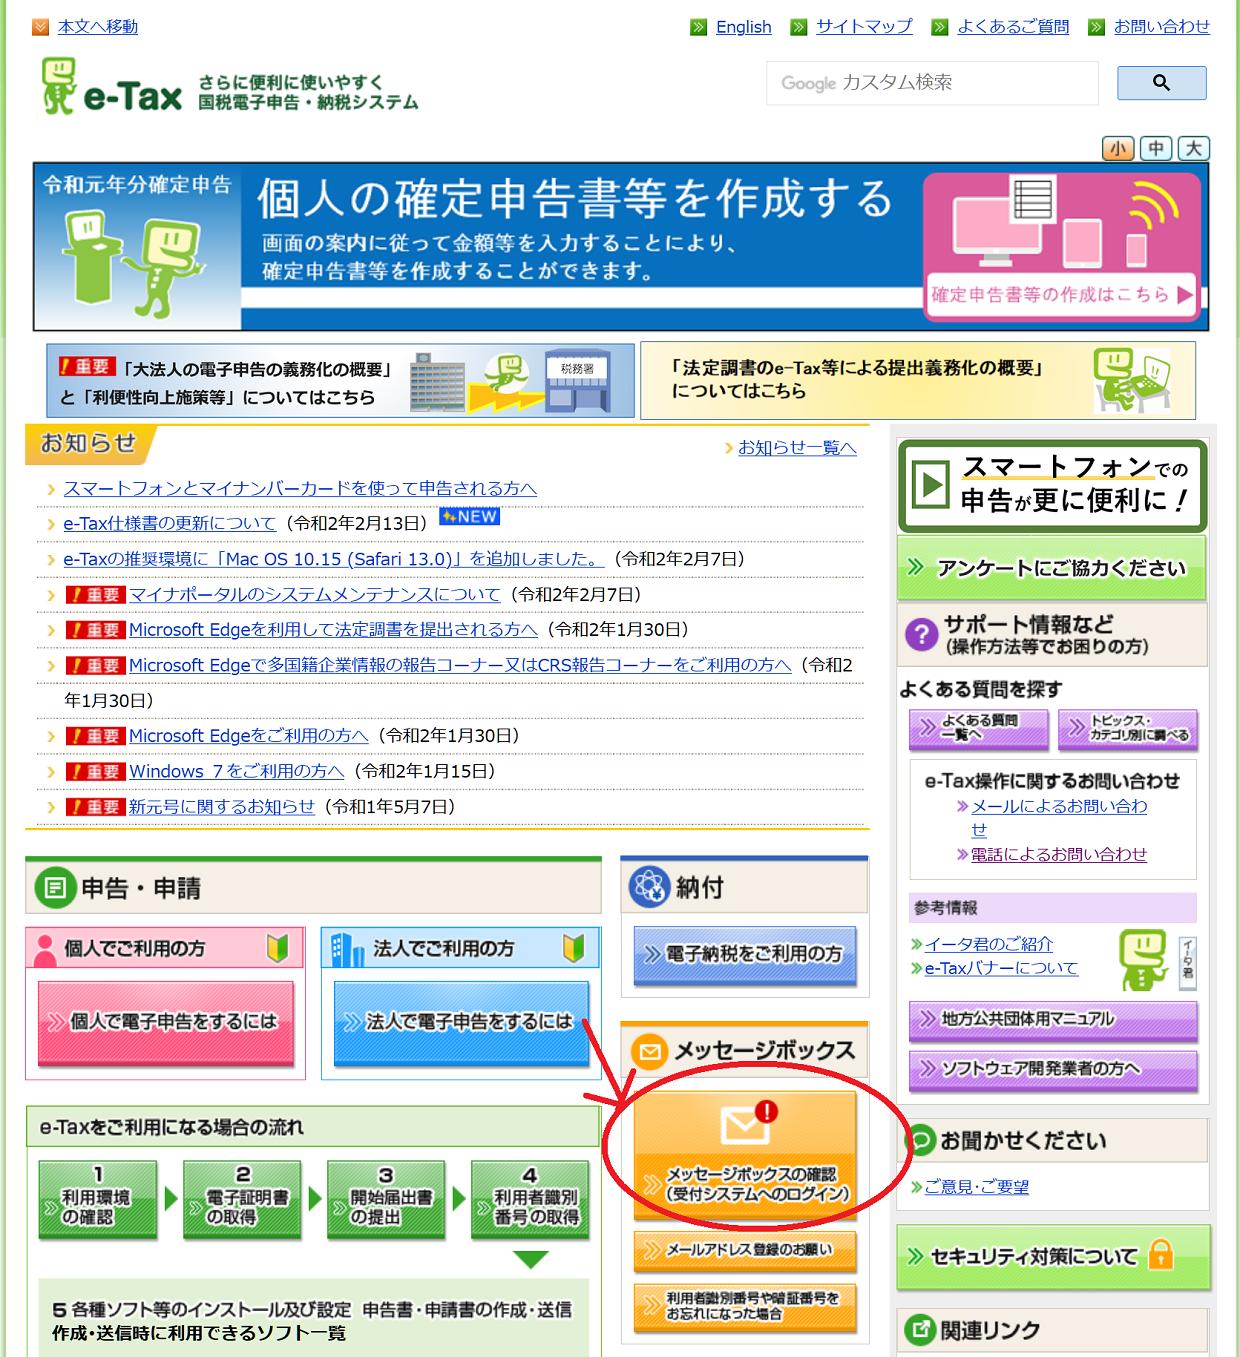 e-Taxホームページ